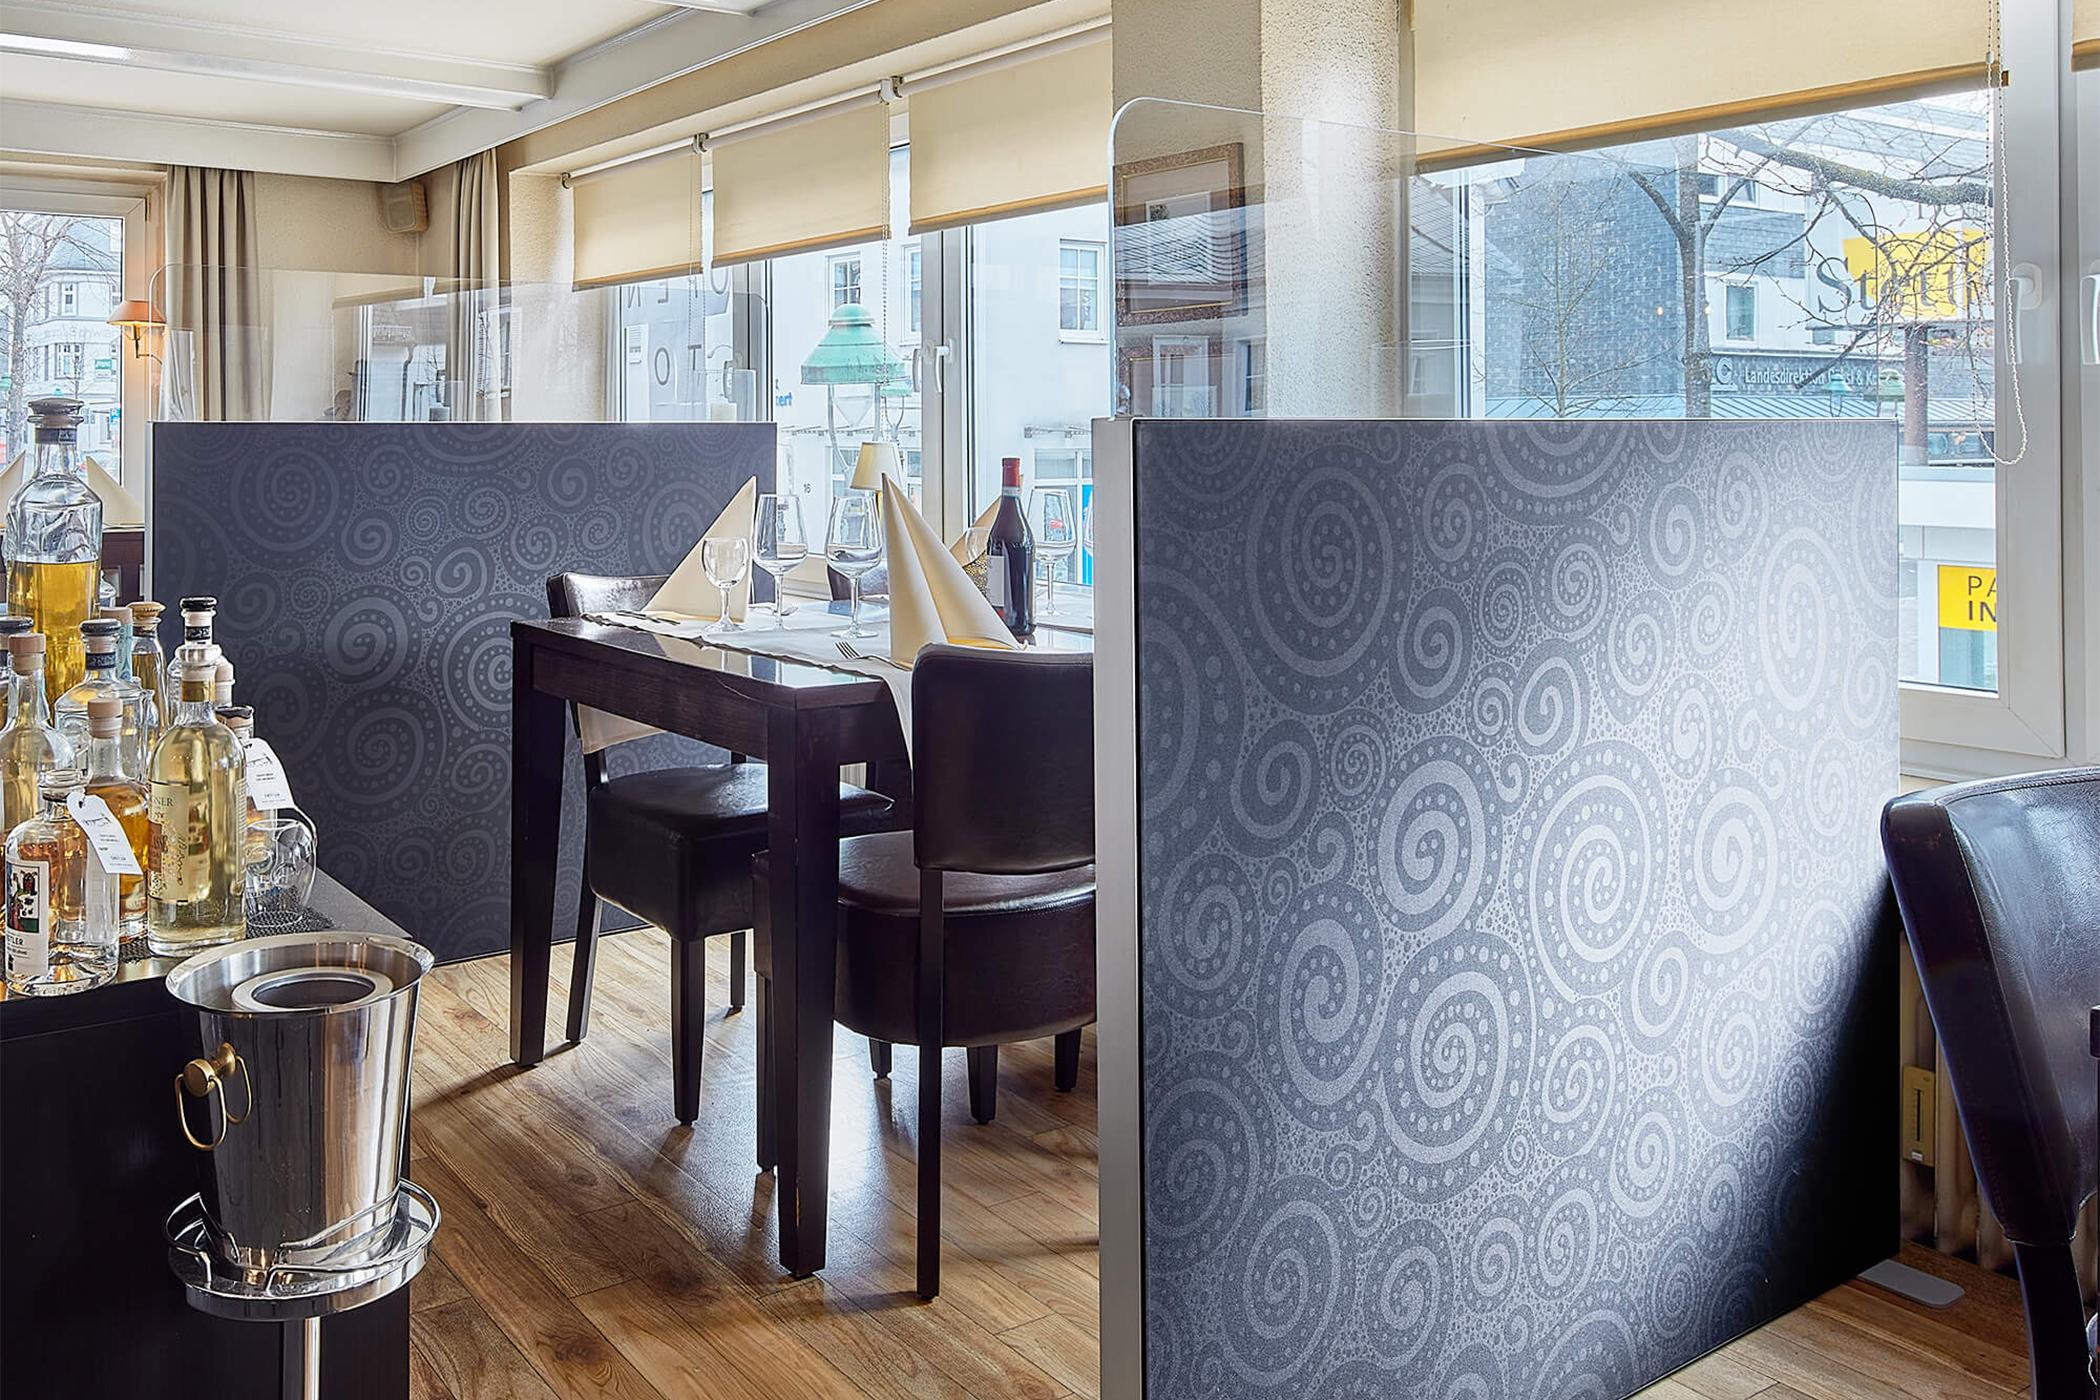 Trennwand Basic mit Acryltopper  mit einem schwarzen Muster bedruckt steht in einem Restaurant als Trennelement zwischen zwei Tischen.